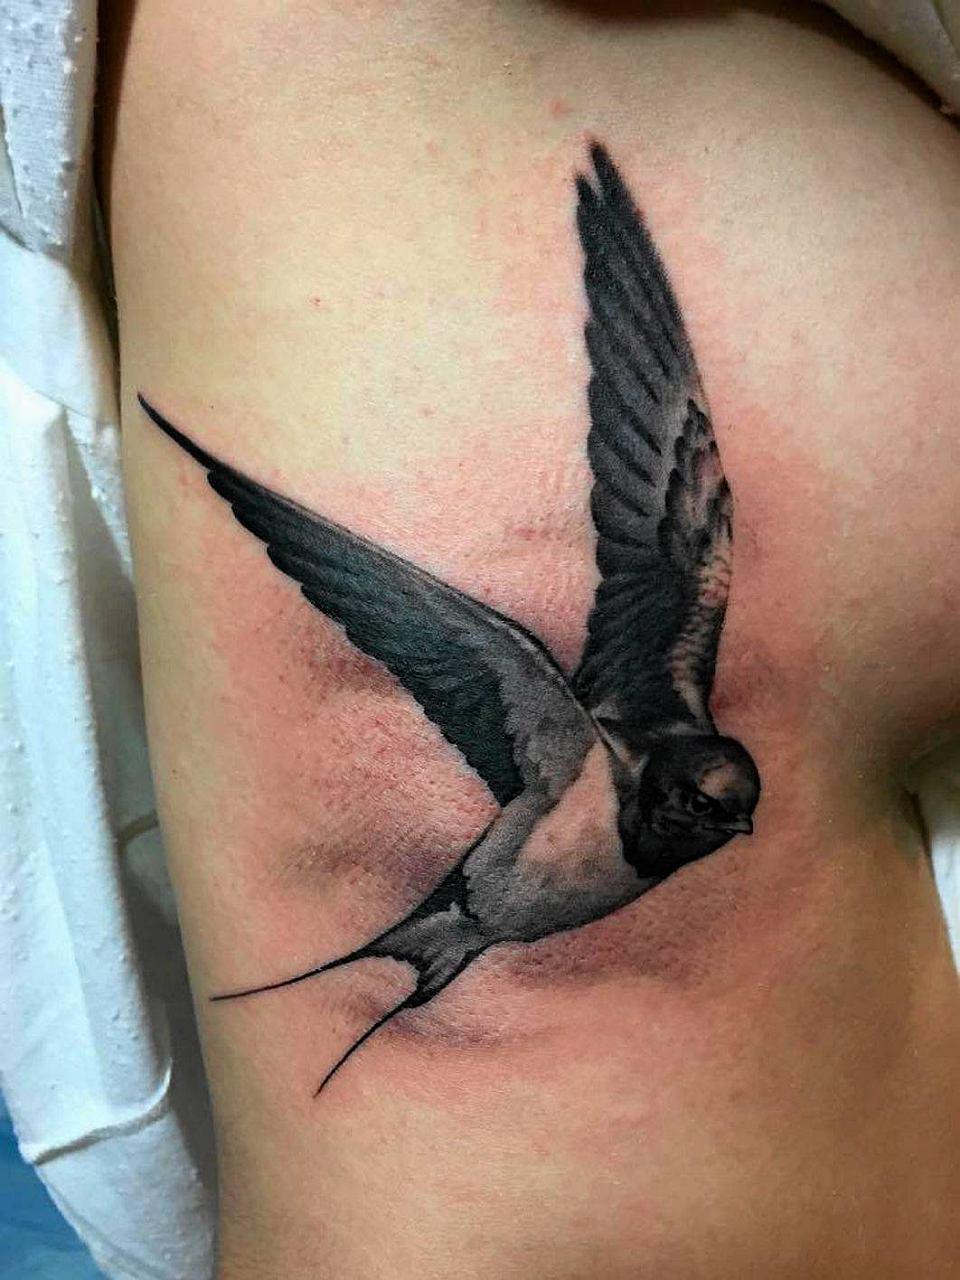 Tatuaż Musi Boleć Czyli Po Co Taka ładna Dziewczyna Się